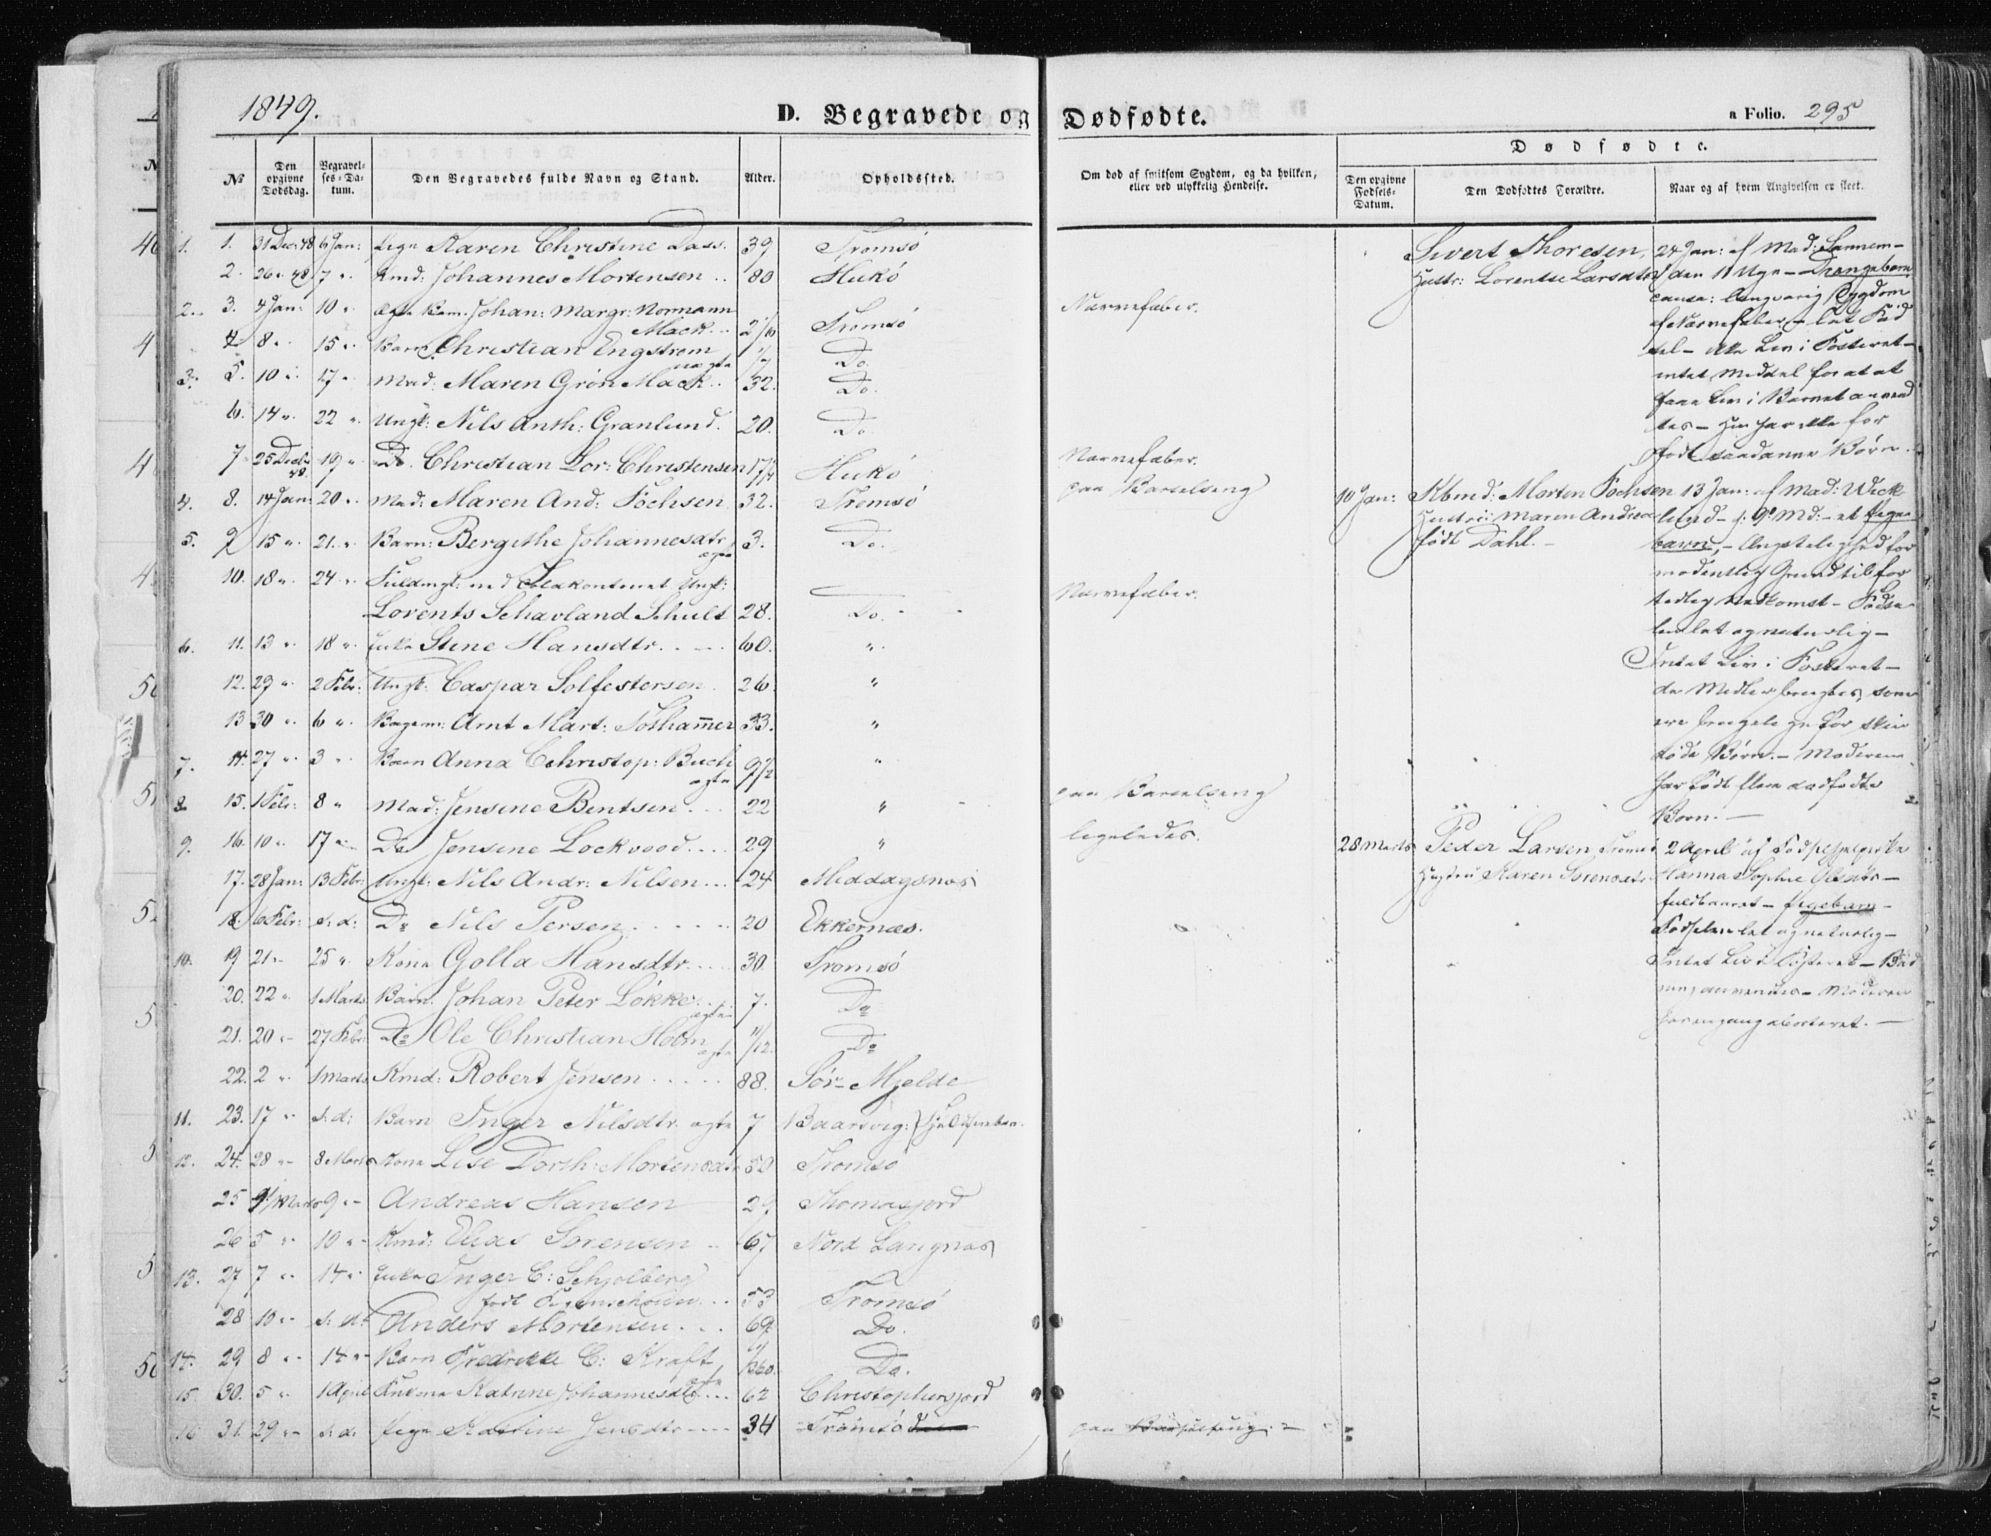 SATØ, Tromsø sokneprestkontor/stiftsprosti/domprosti, G/Ga/L0010kirke: Ministerialbok nr. 10, 1848-1855, s. 295